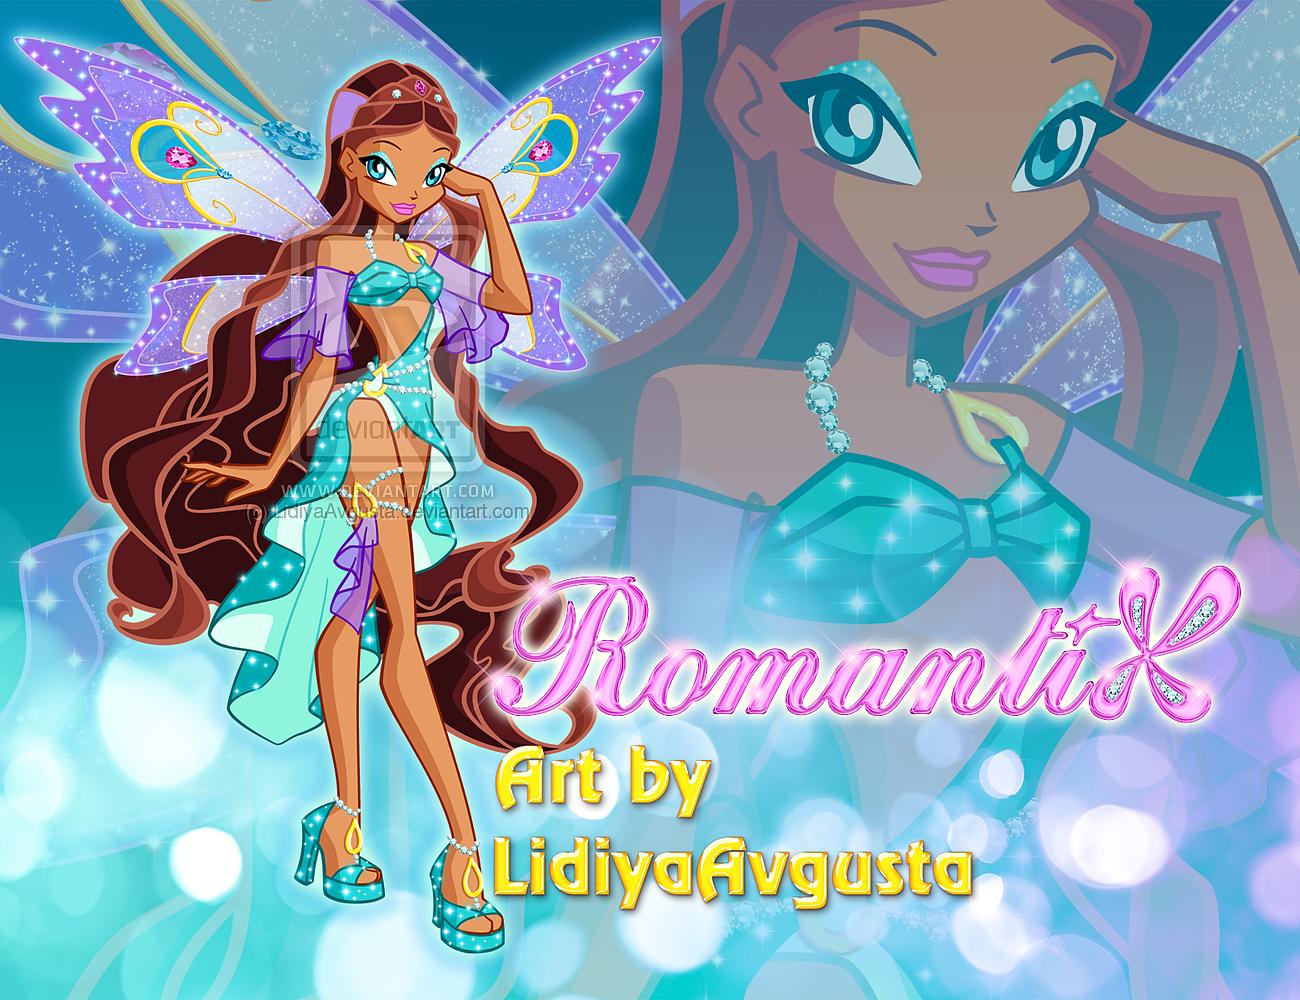 Layla RomantiX by LidiyaAvgusta on DeviantArt